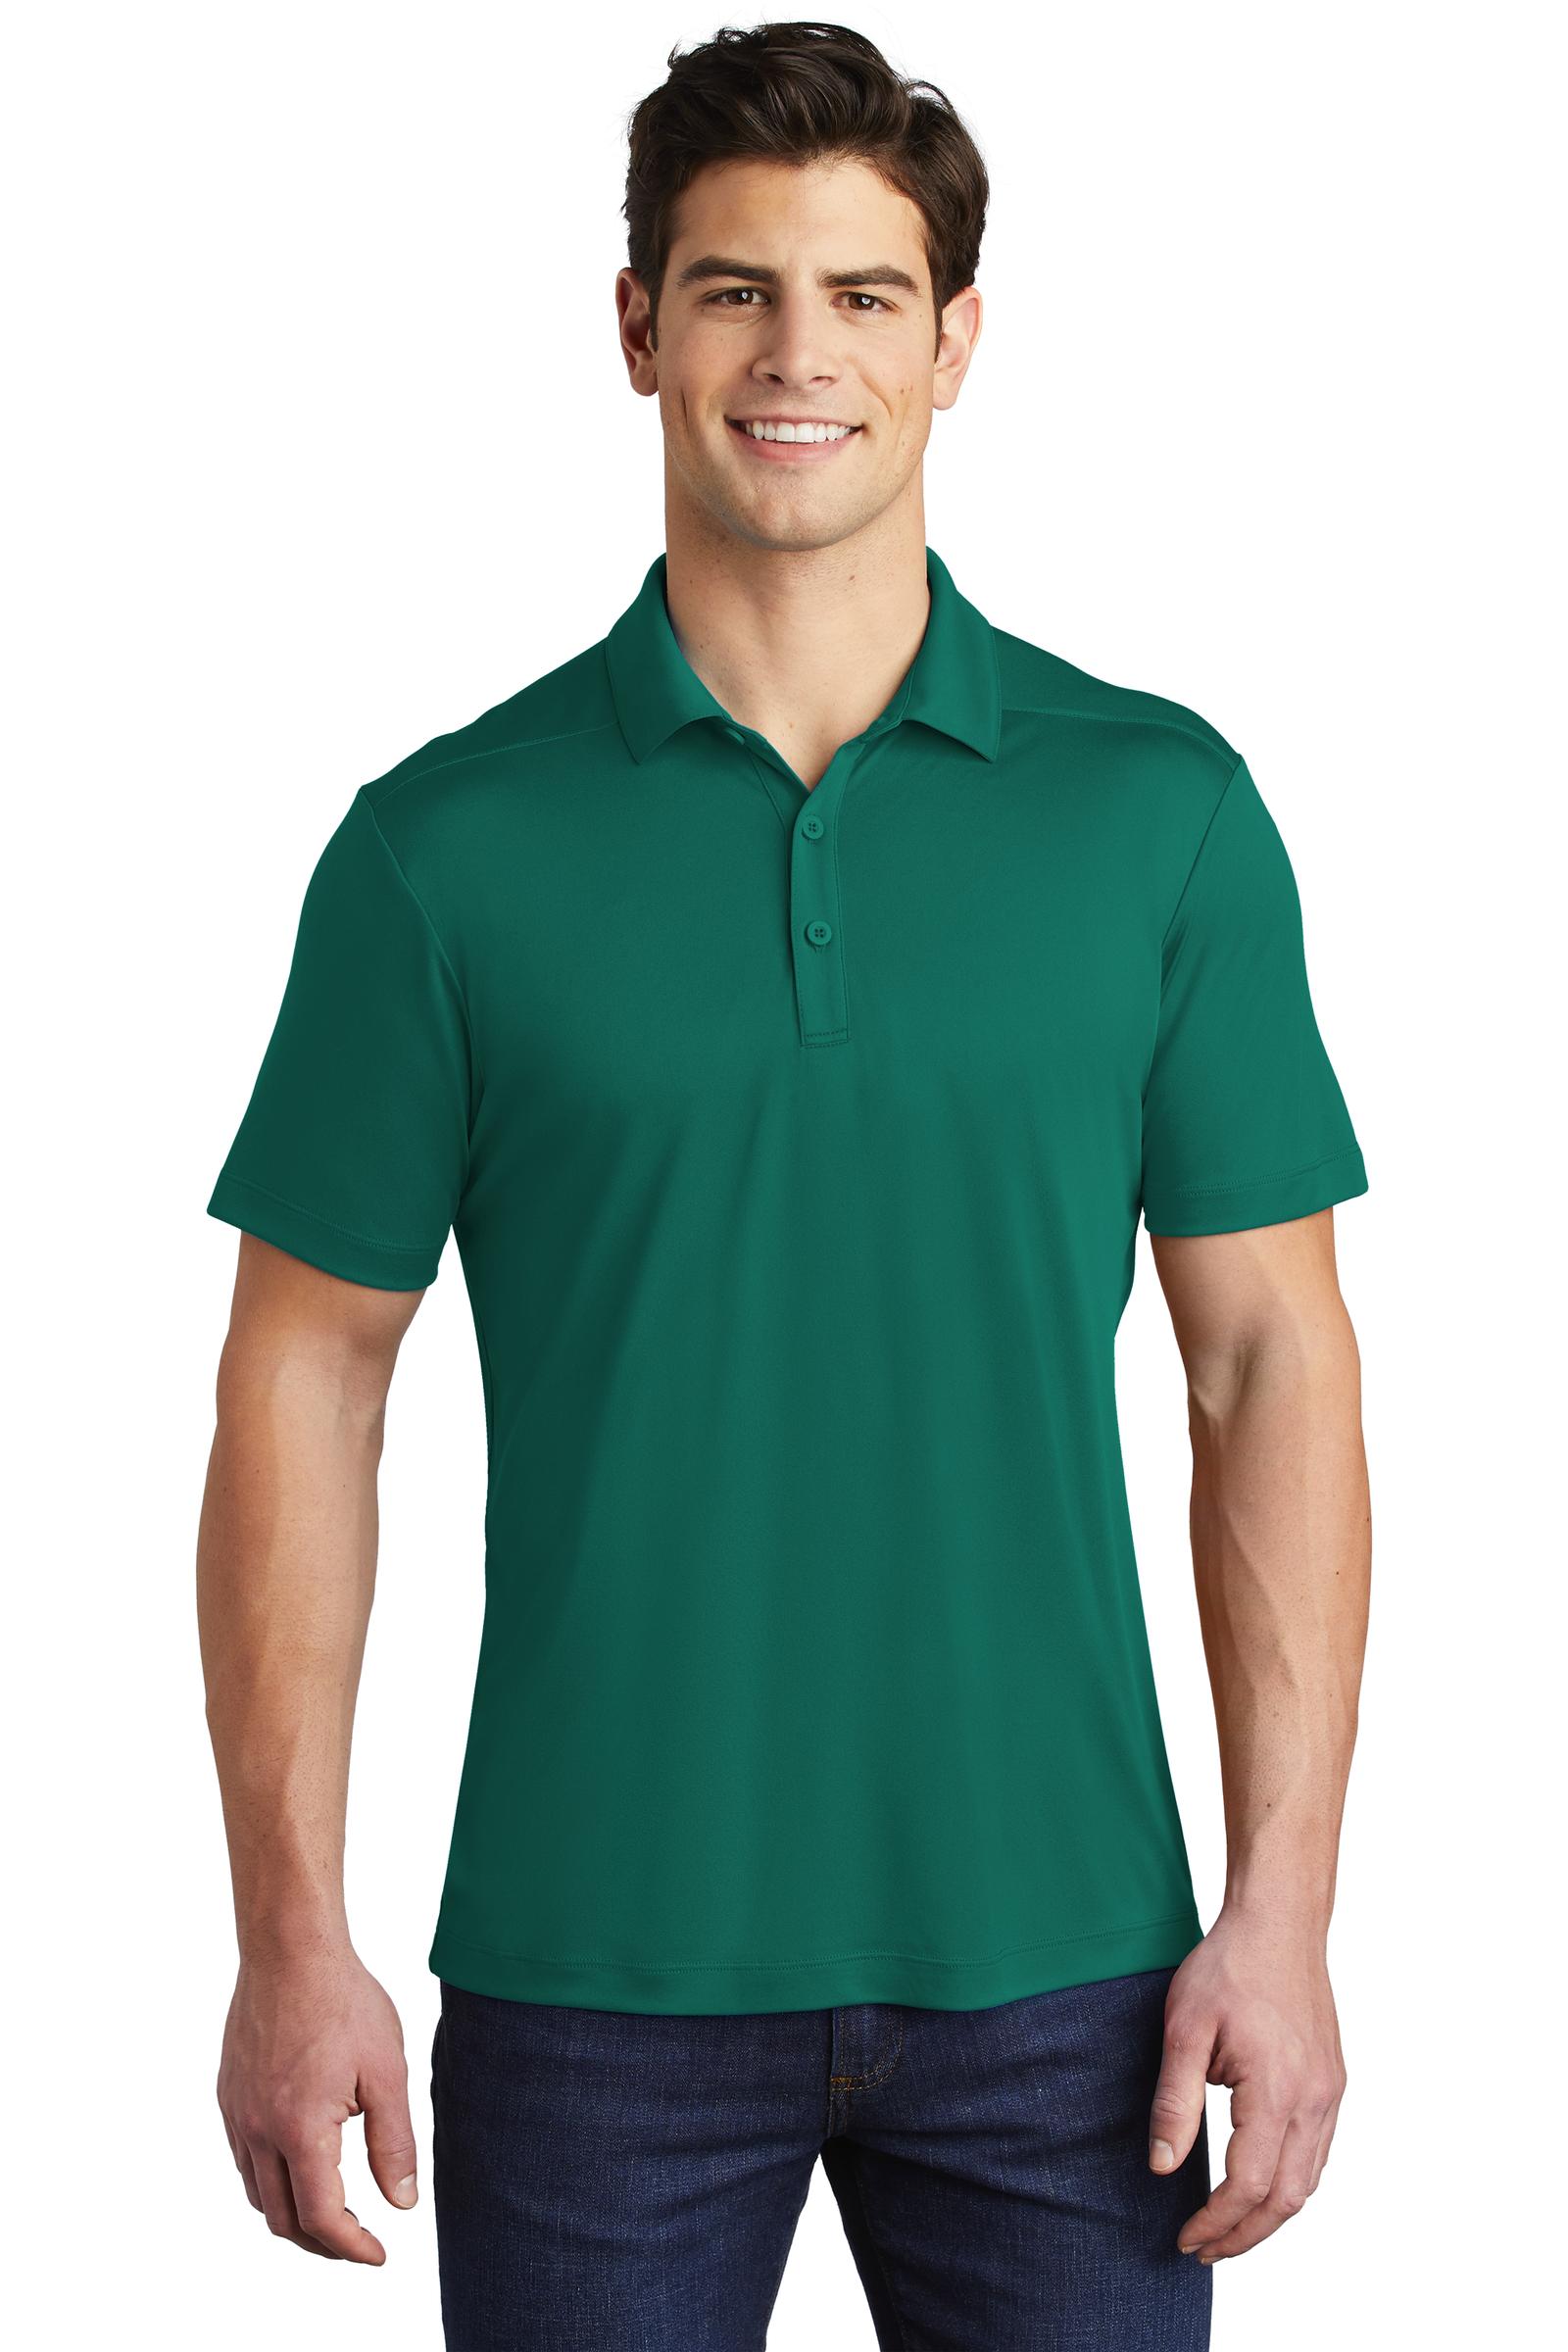 Sport-Tek Embroidered Men's Posi-UV Pro Polo